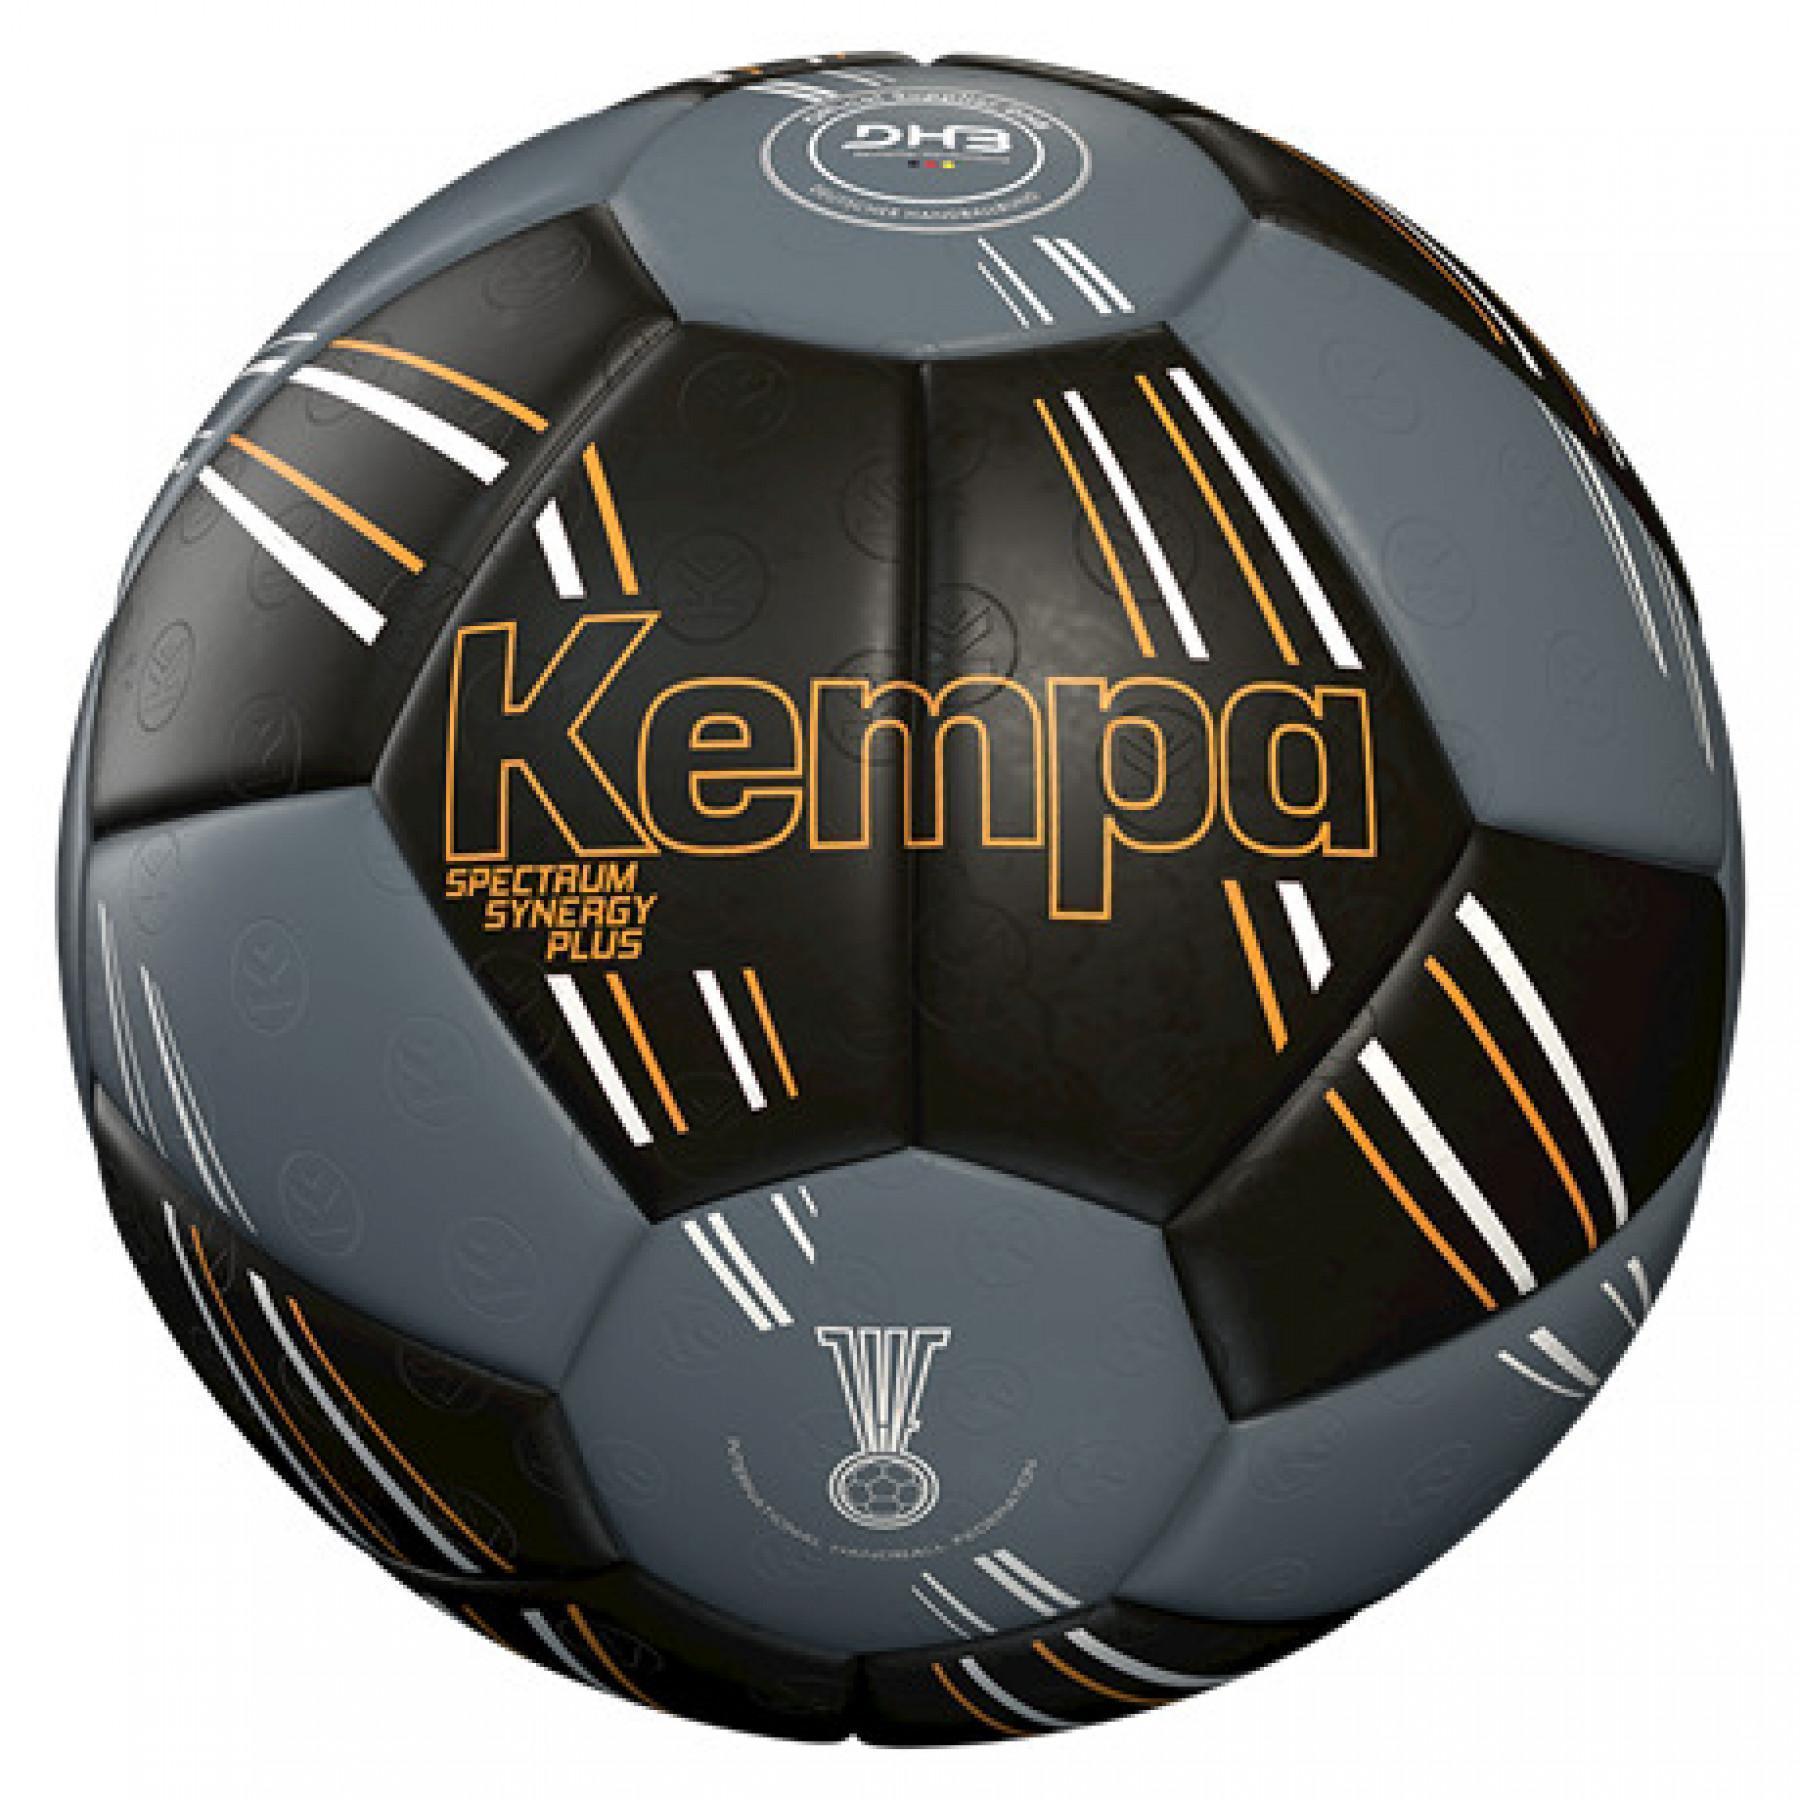 Ballon Kempa Spectrum Synergy Plus